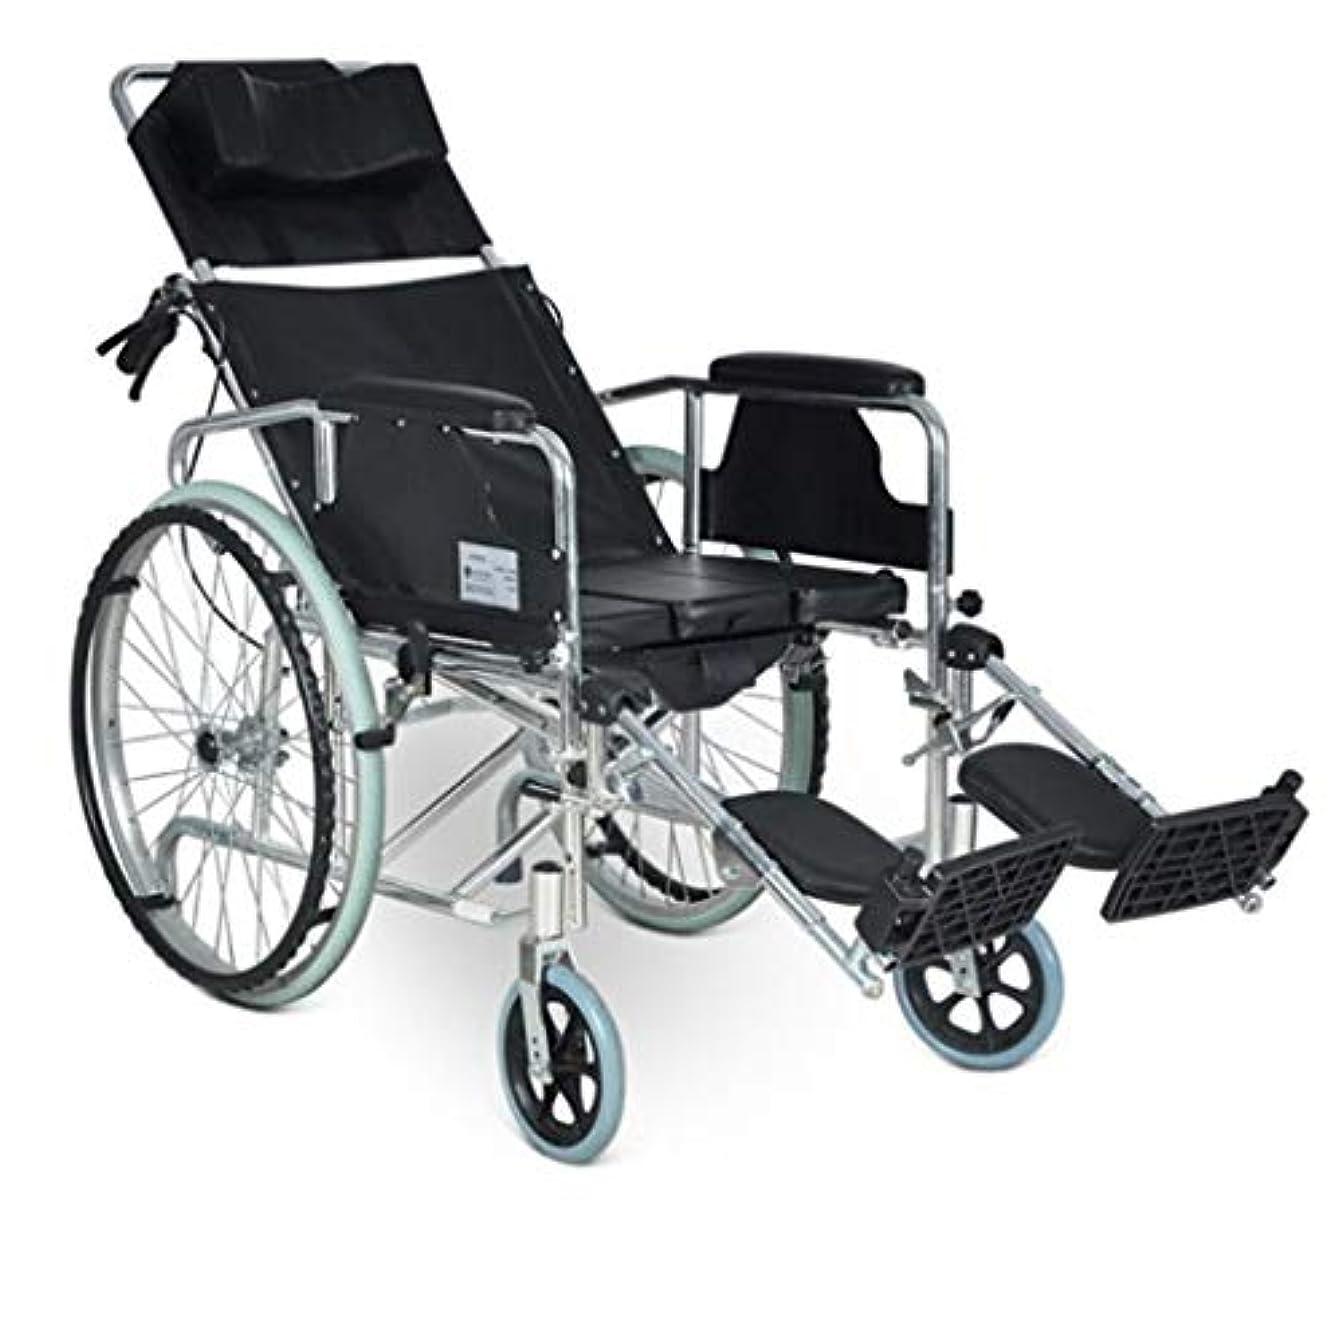 解決パッド静かな車椅子トロリー4ブレーキデザイン、フルリクライニング折りたたみ車椅子、高齢者用多目的ワゴン